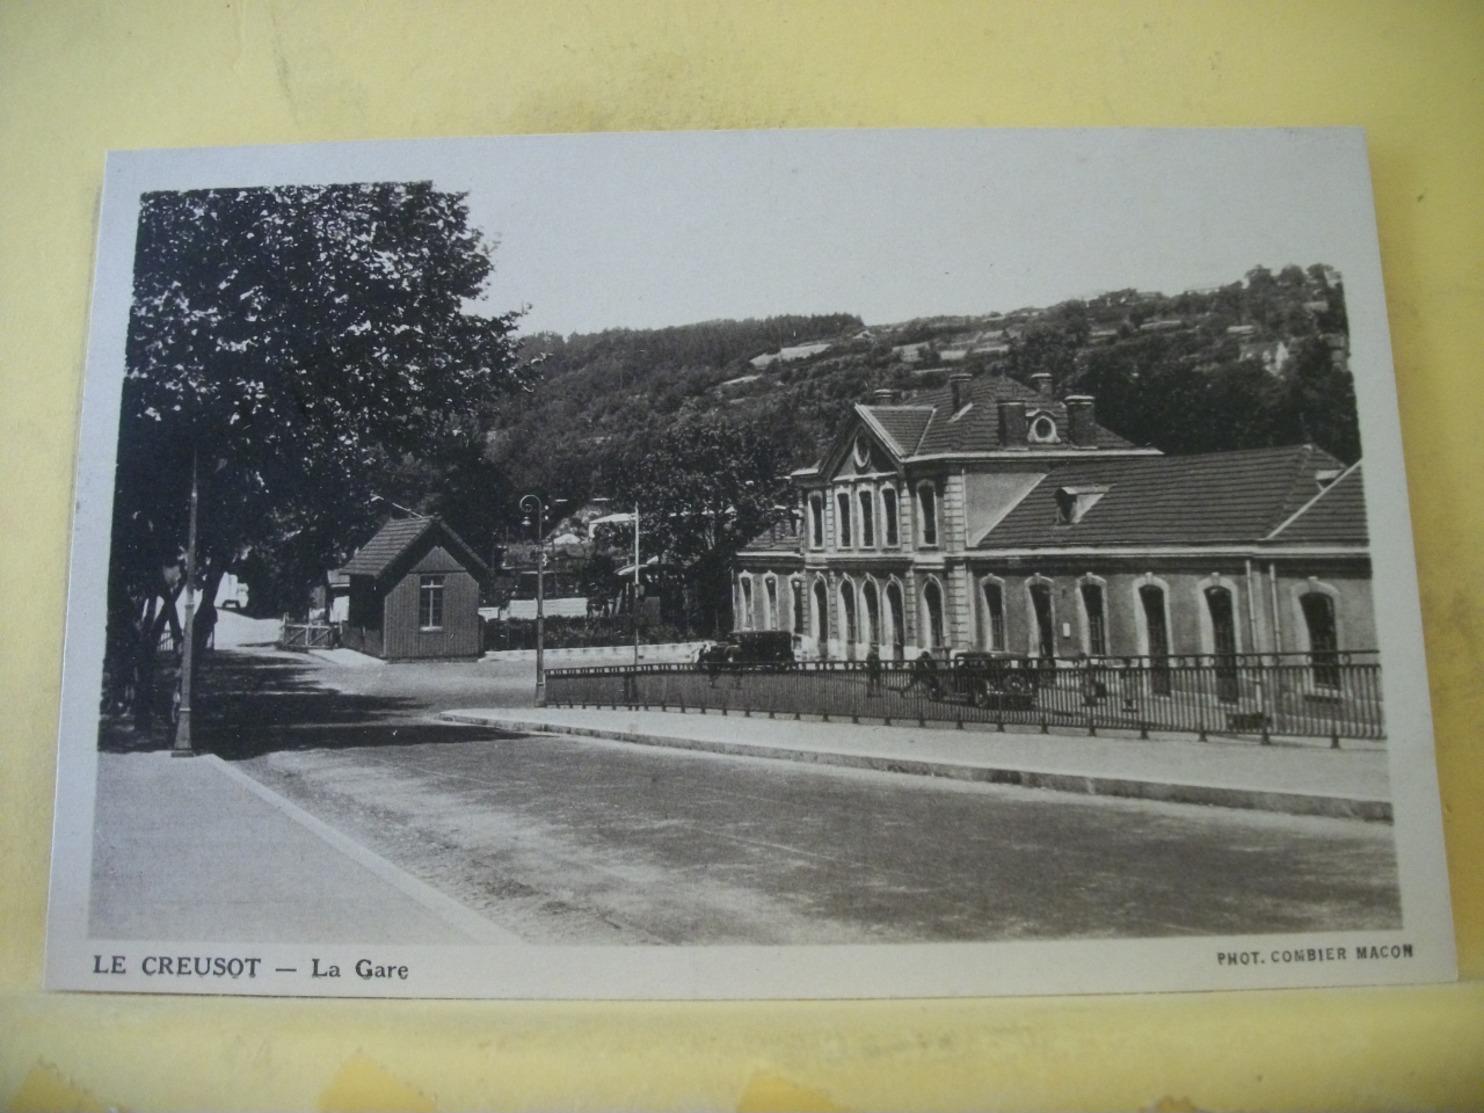 L11 4867 CPA 1939 - 71 LE CREUSOT. LA GARE - ANIMATION. AUTOS - Le Creusot